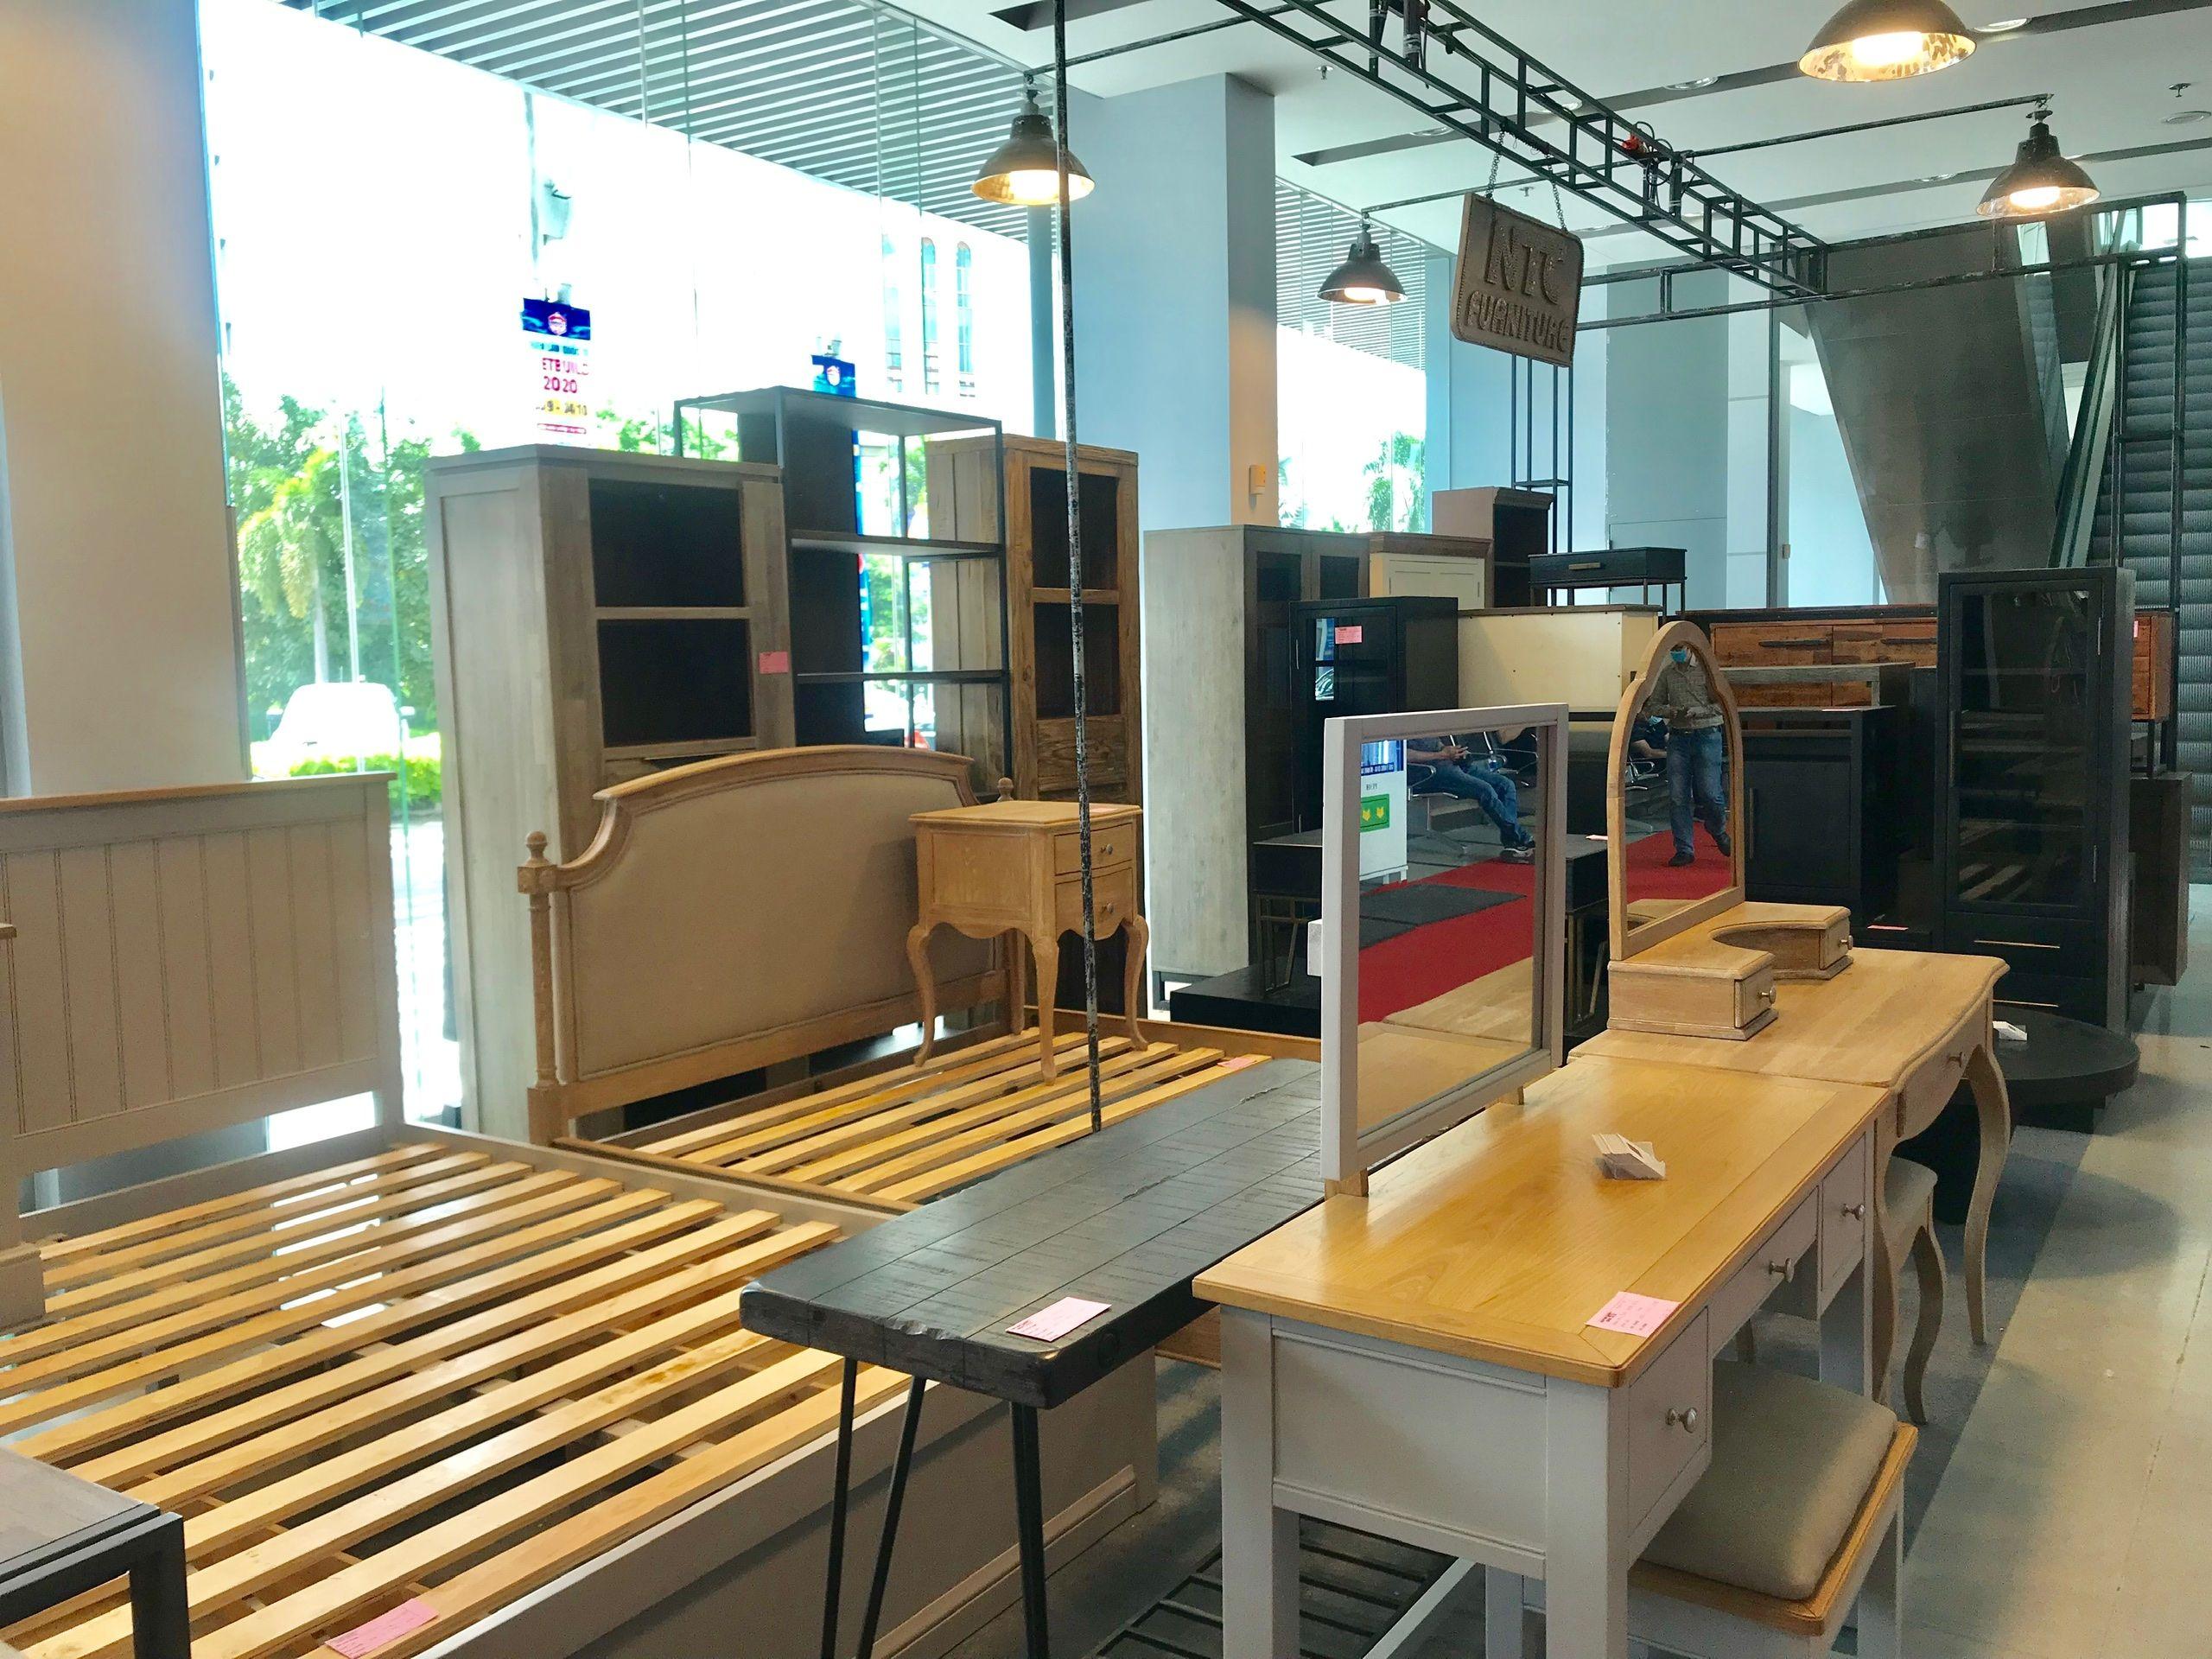 Việt Nam là thị trường cung cấp đồ gỗ nội thất lớn nhất cho Hoa Kỳ